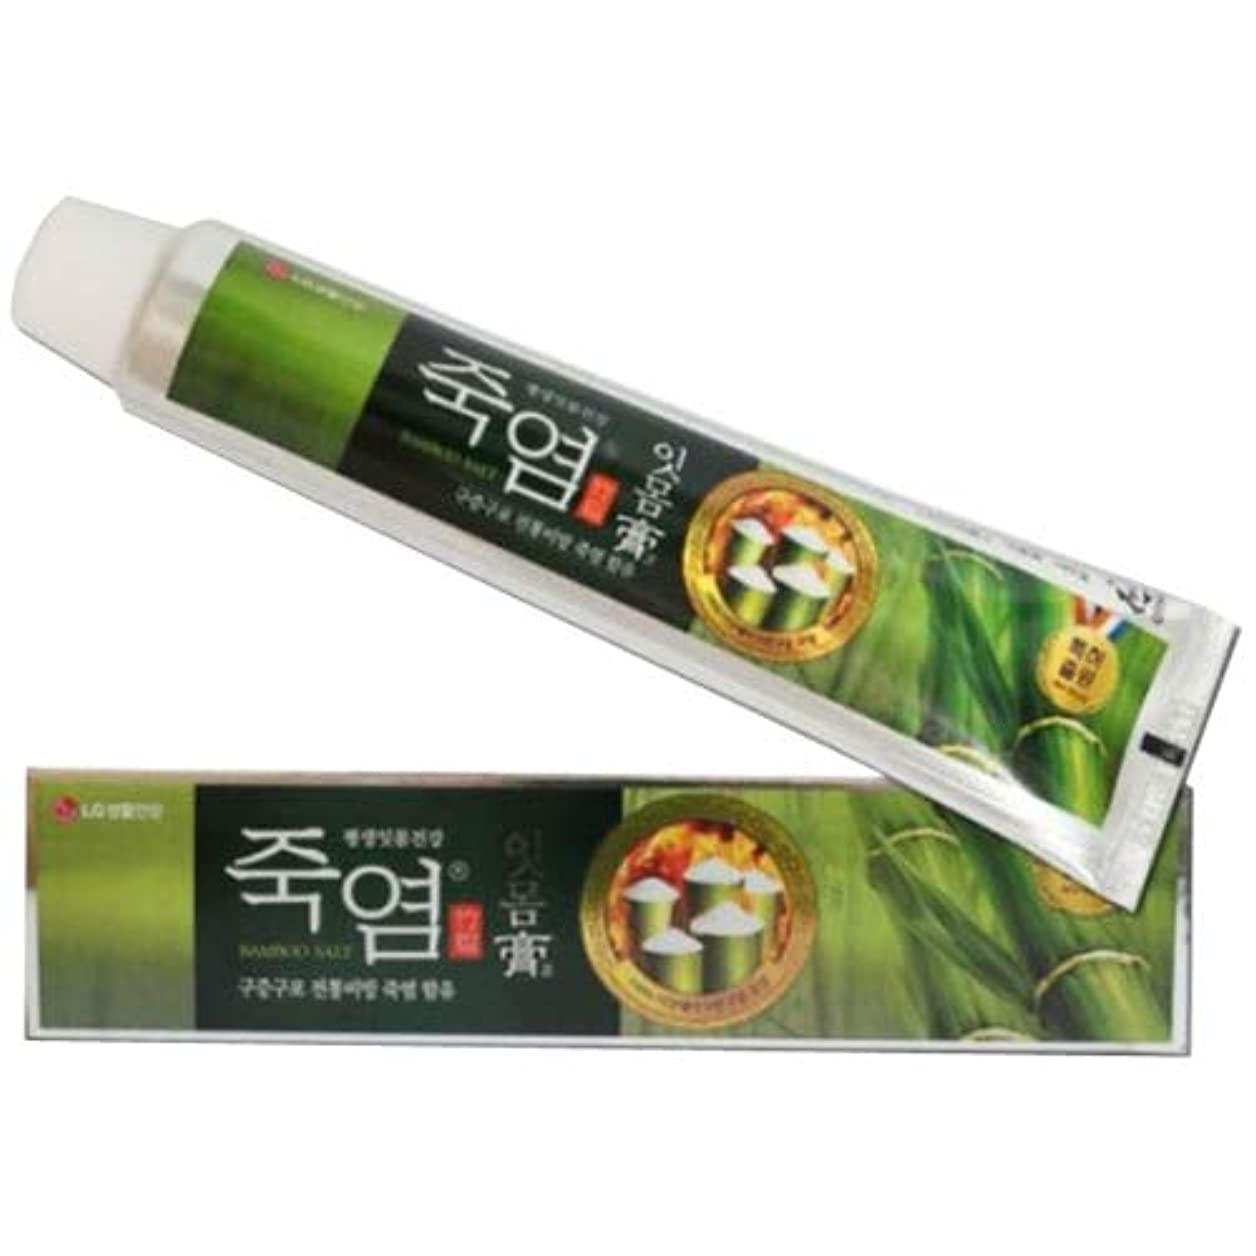 繊維危険な舗装LG生活健康 竹塩歯磨き粉 (歯康膏:ウンガンゴ)(120gx3個) 歯肉炎の予防 歯茎の出血予防